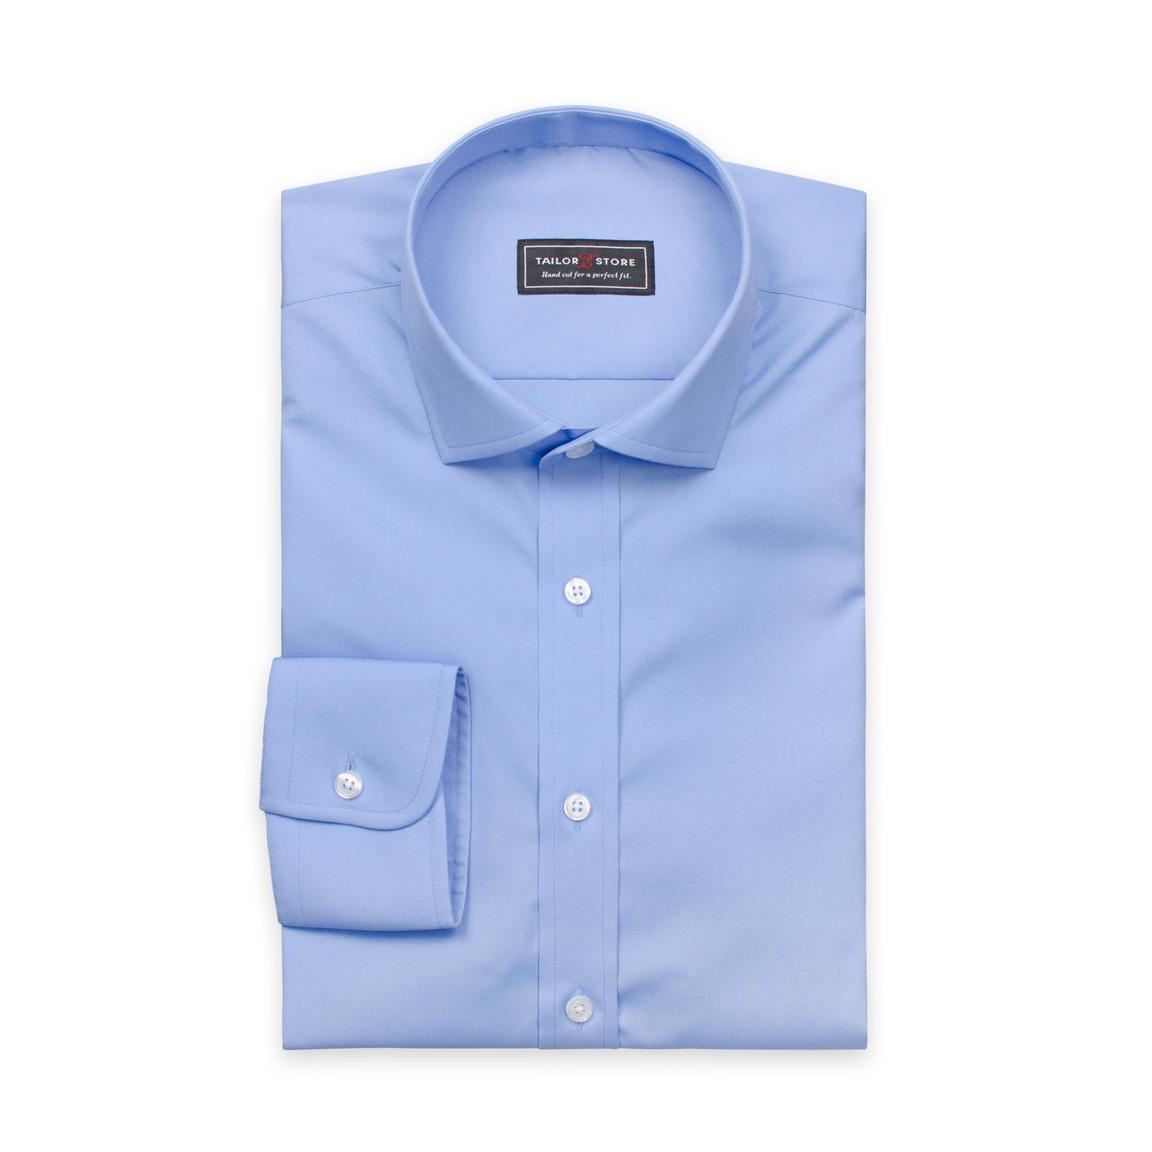 Blaues Popeline-Hemd mit Cut-Away Modern Kragen